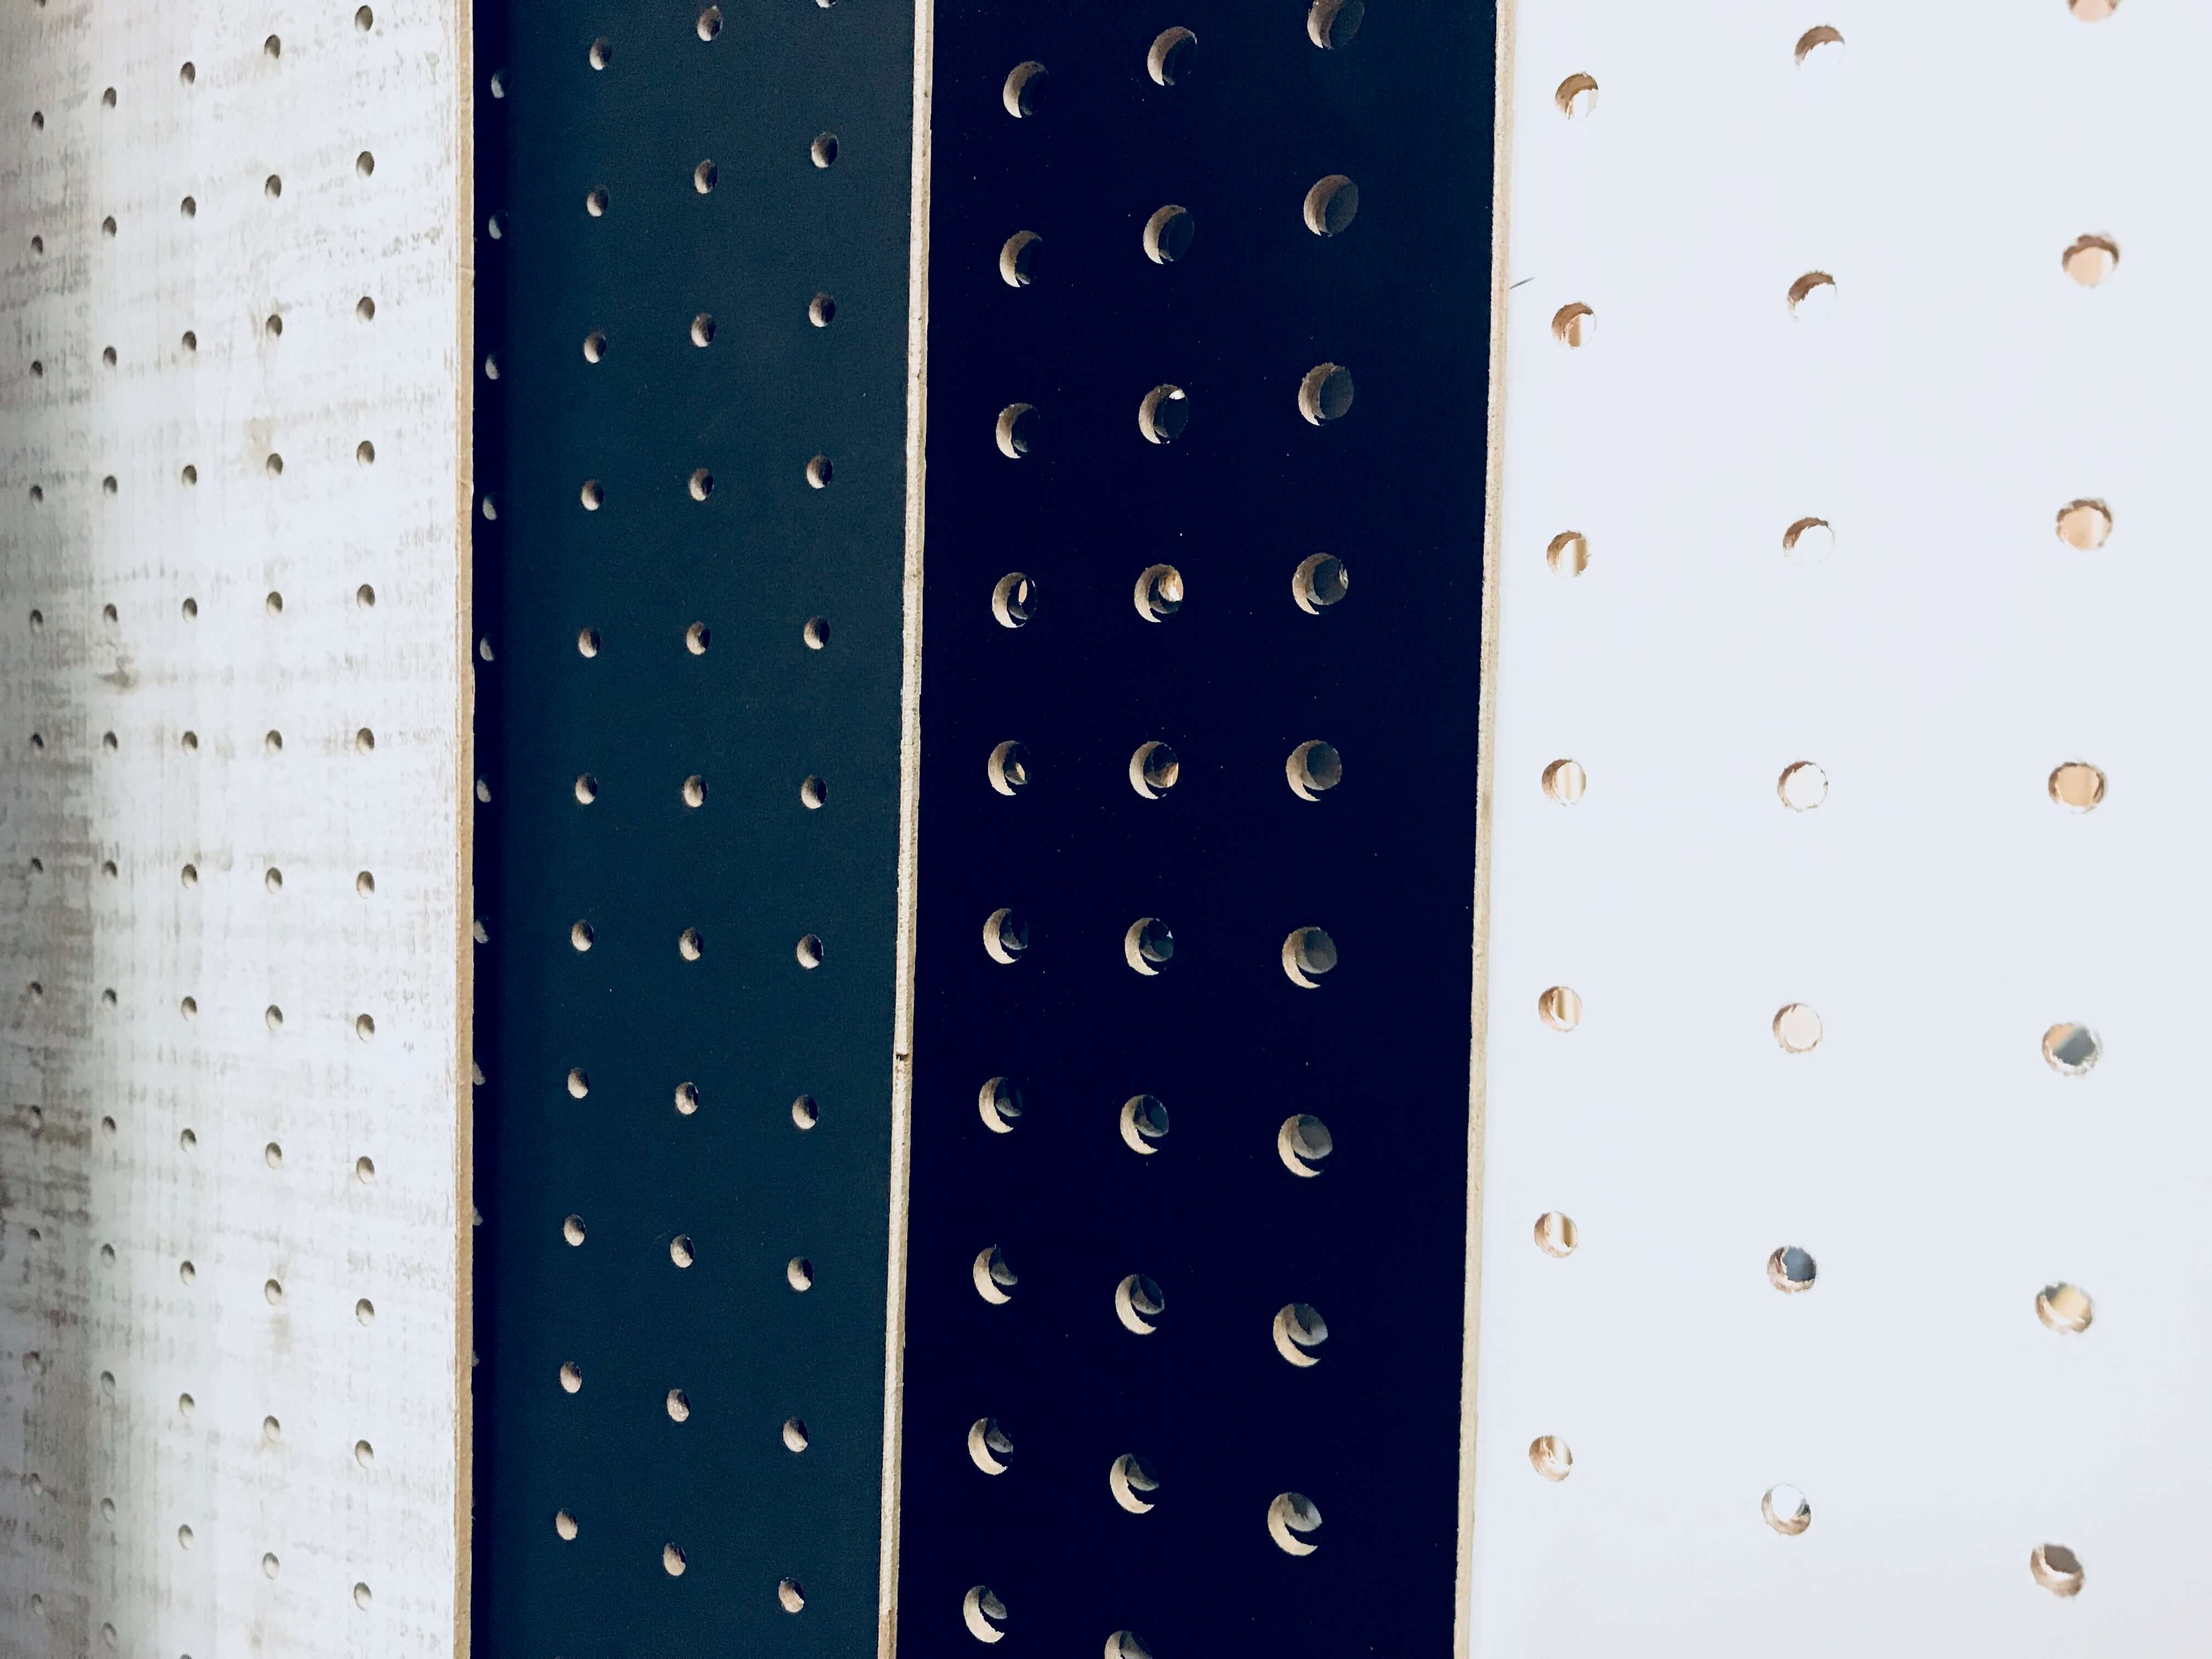 壁 有 孔 固定 ボード 壁に穴をあけたくない! 2×4材と有孔ボードを使ったおしゃれ壁面収納をDIY!